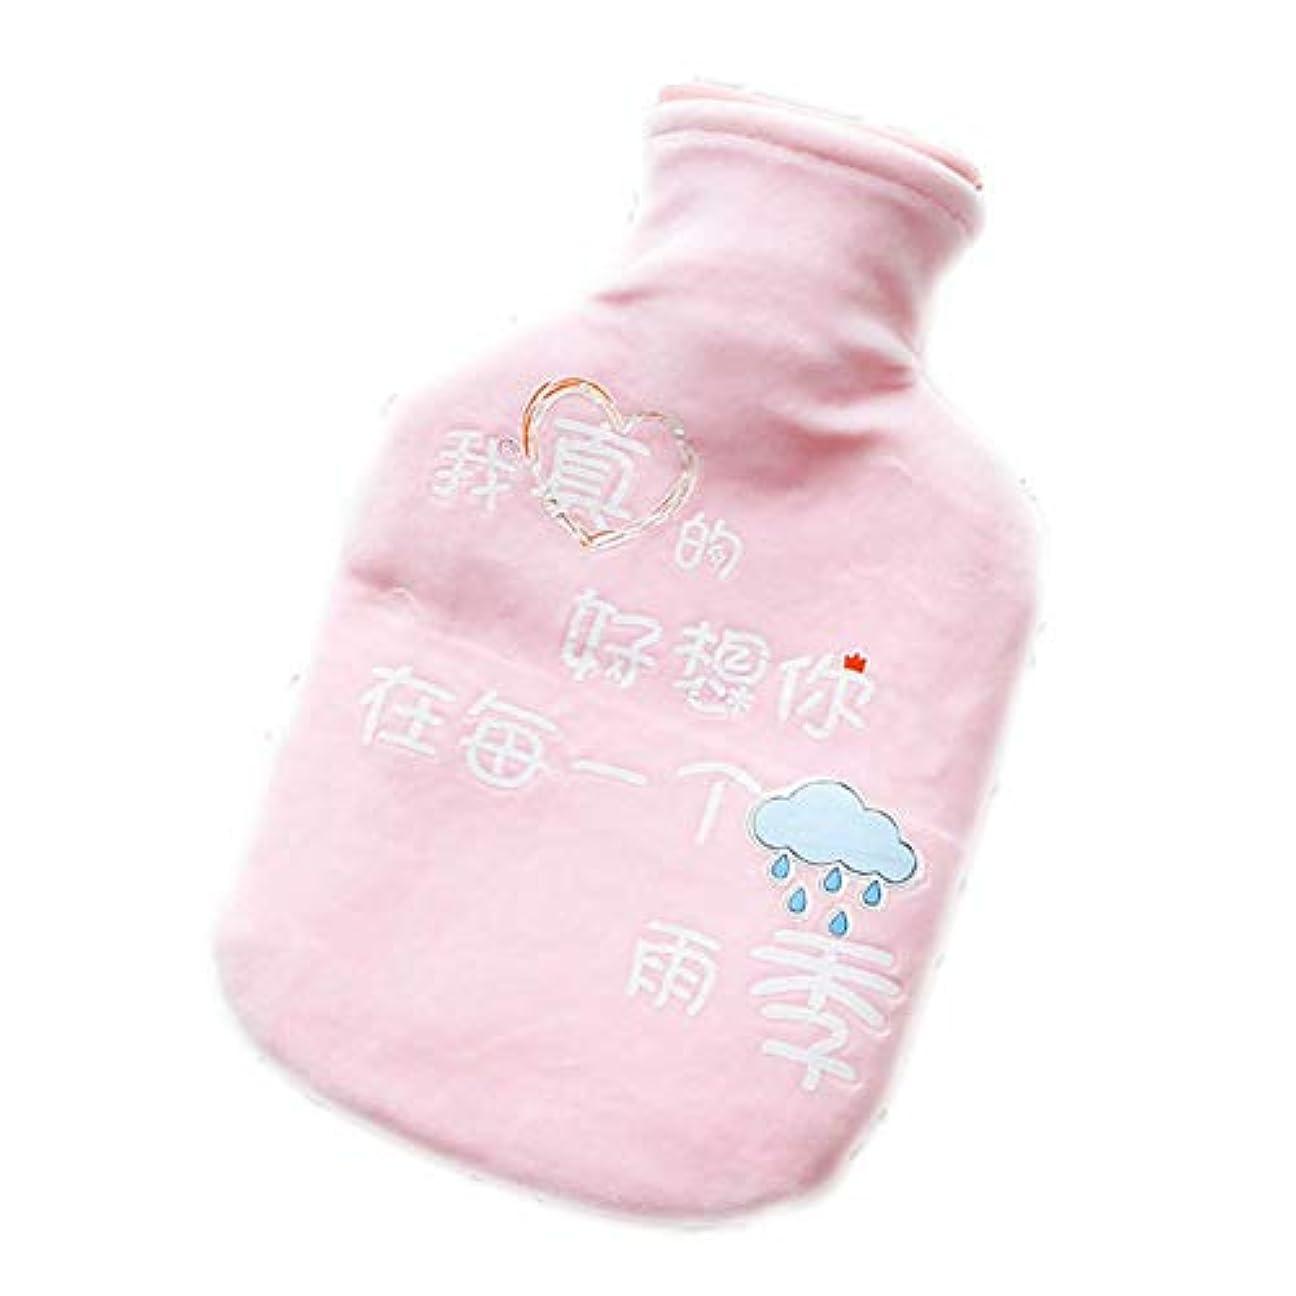 狂気観客宣言かわいい湯たんぽミニハンドウォーマー750ミリリットルの学生女性の温水バッグ